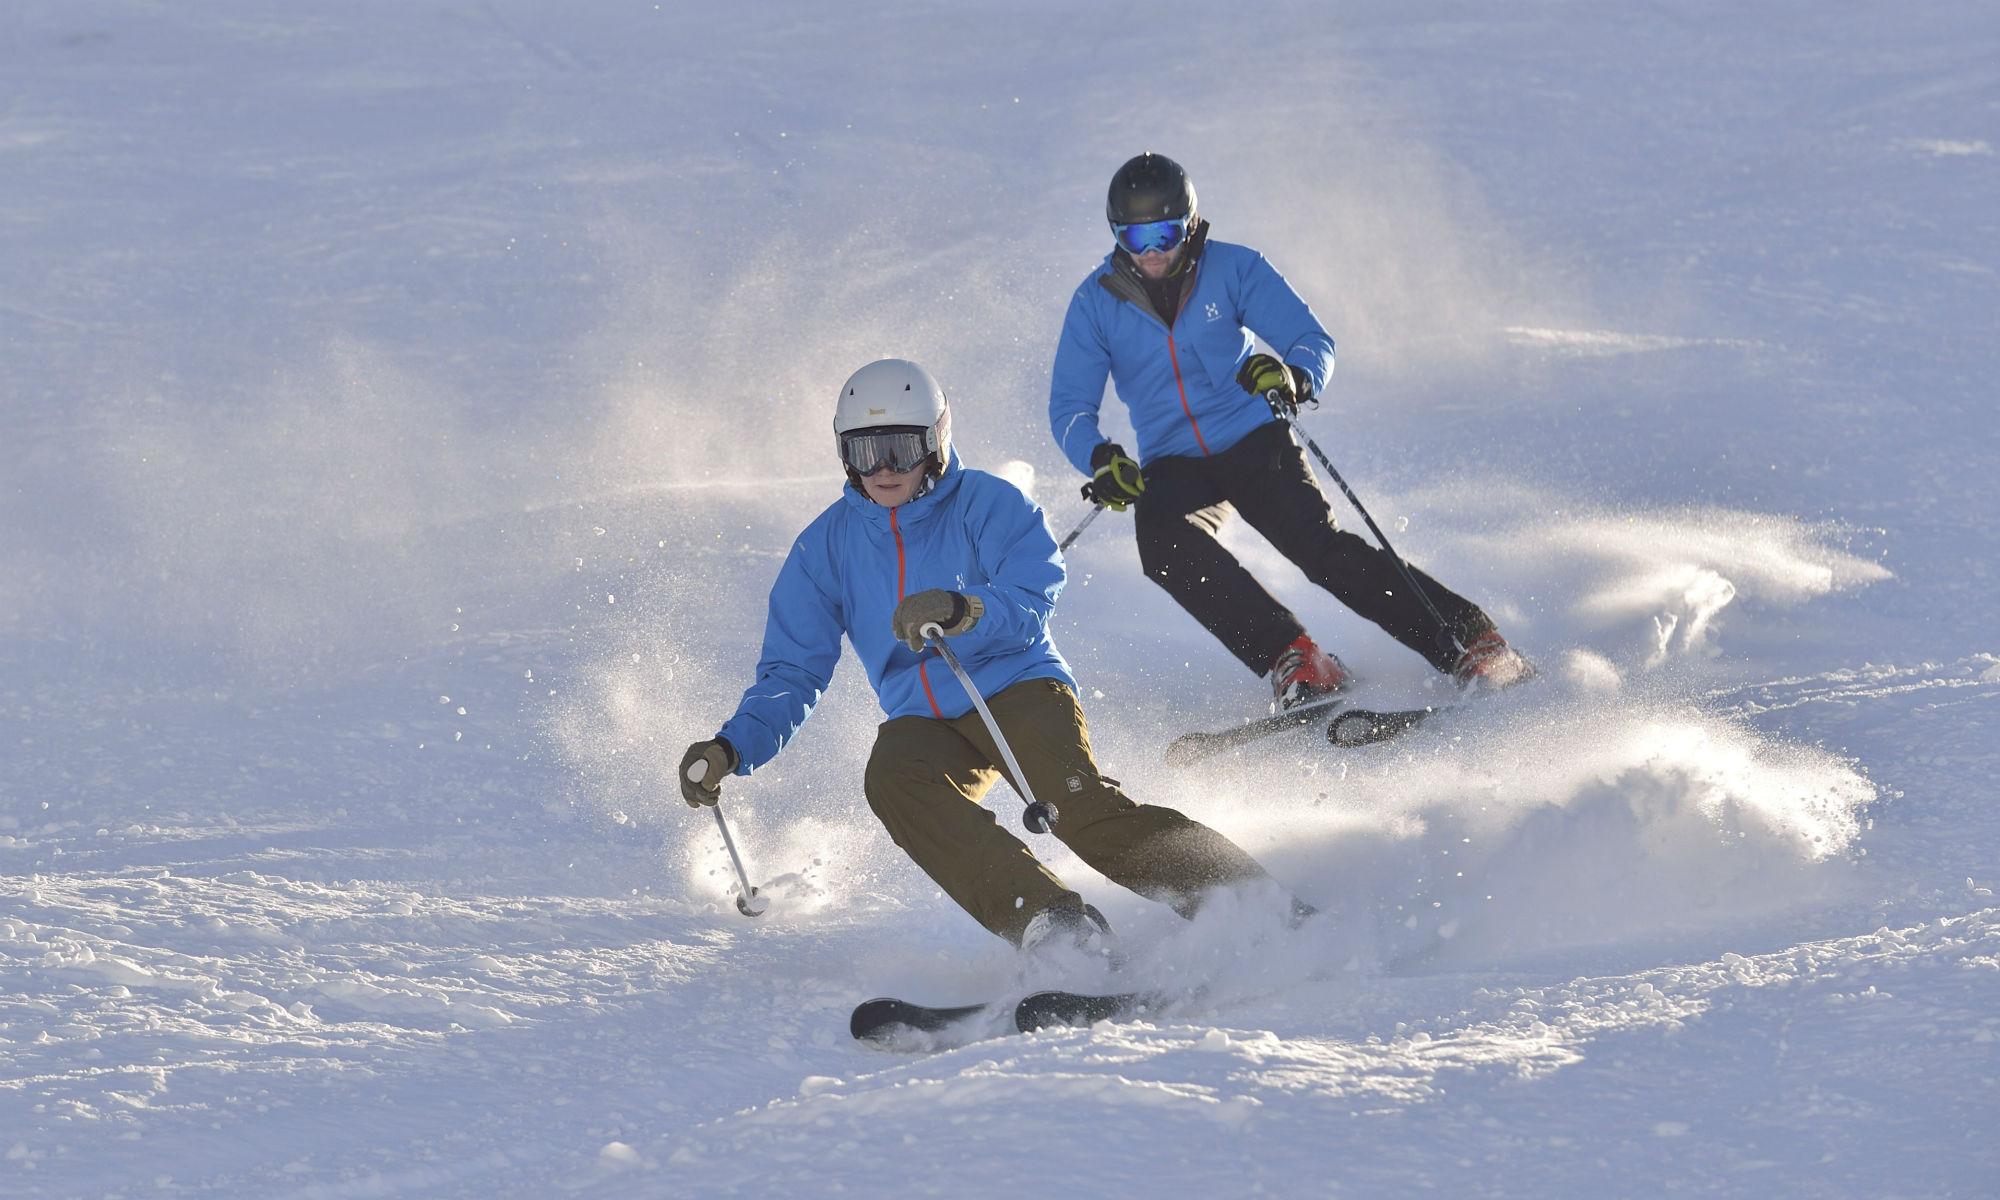 2 Skifahrer beim Üben der Skitechnik auf der sonnigen Piste.